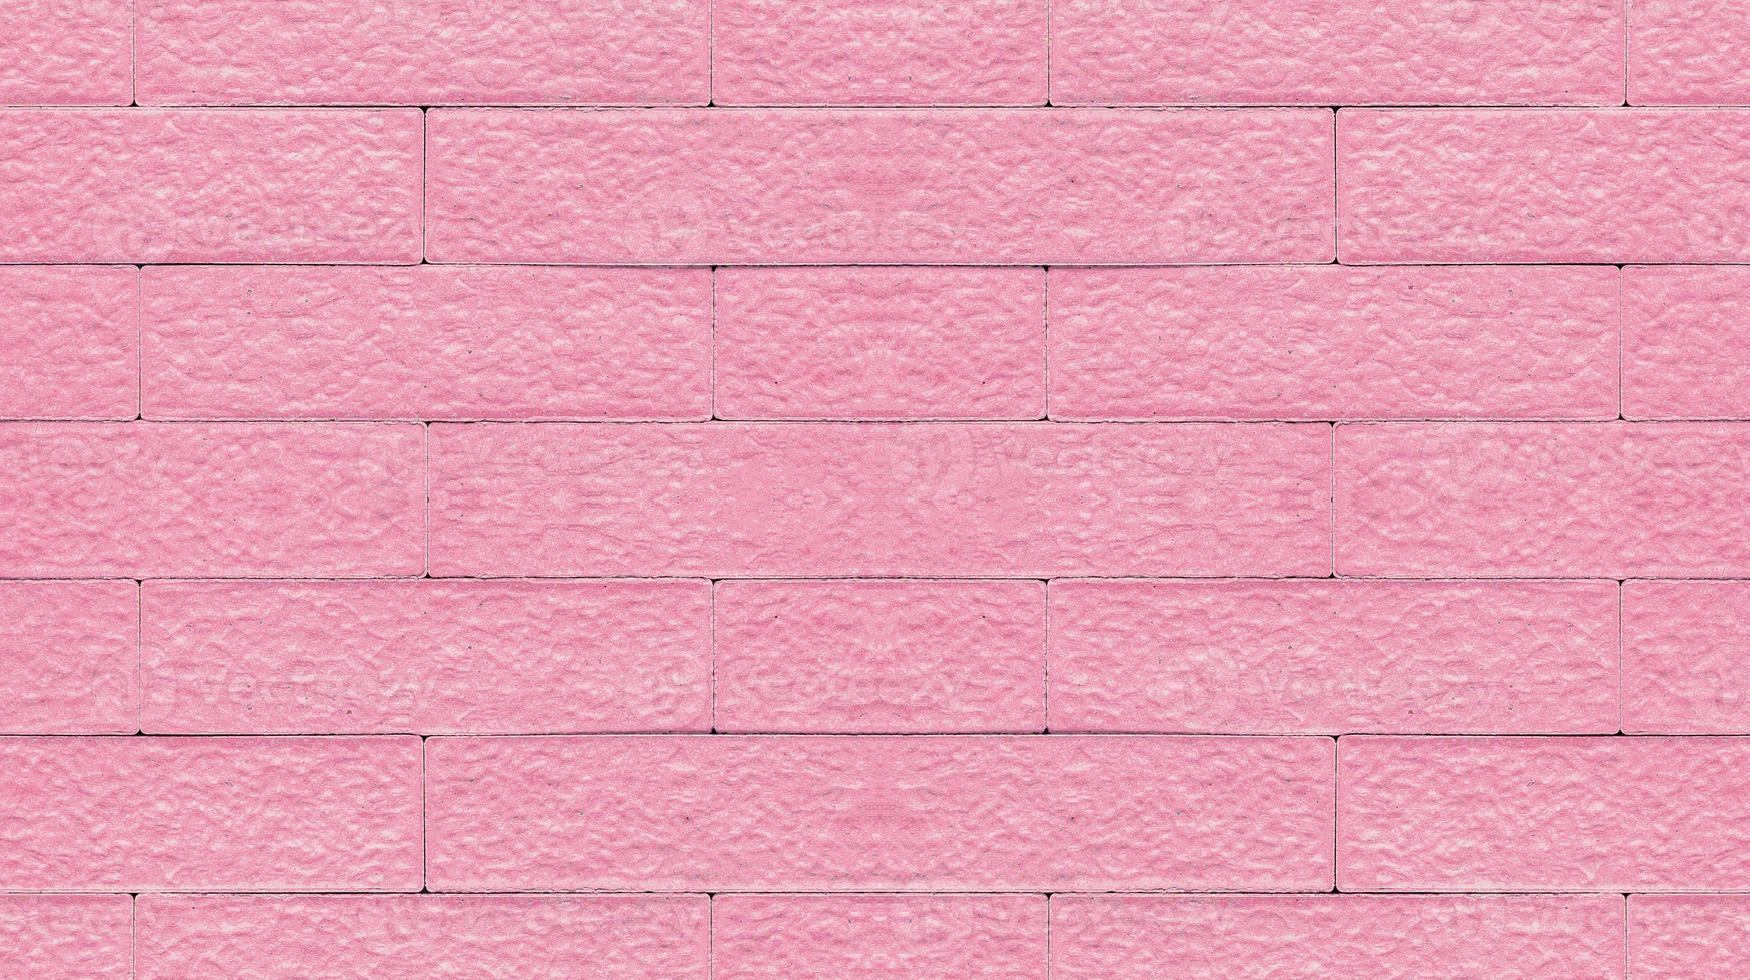 texture de fond de béton rose photo